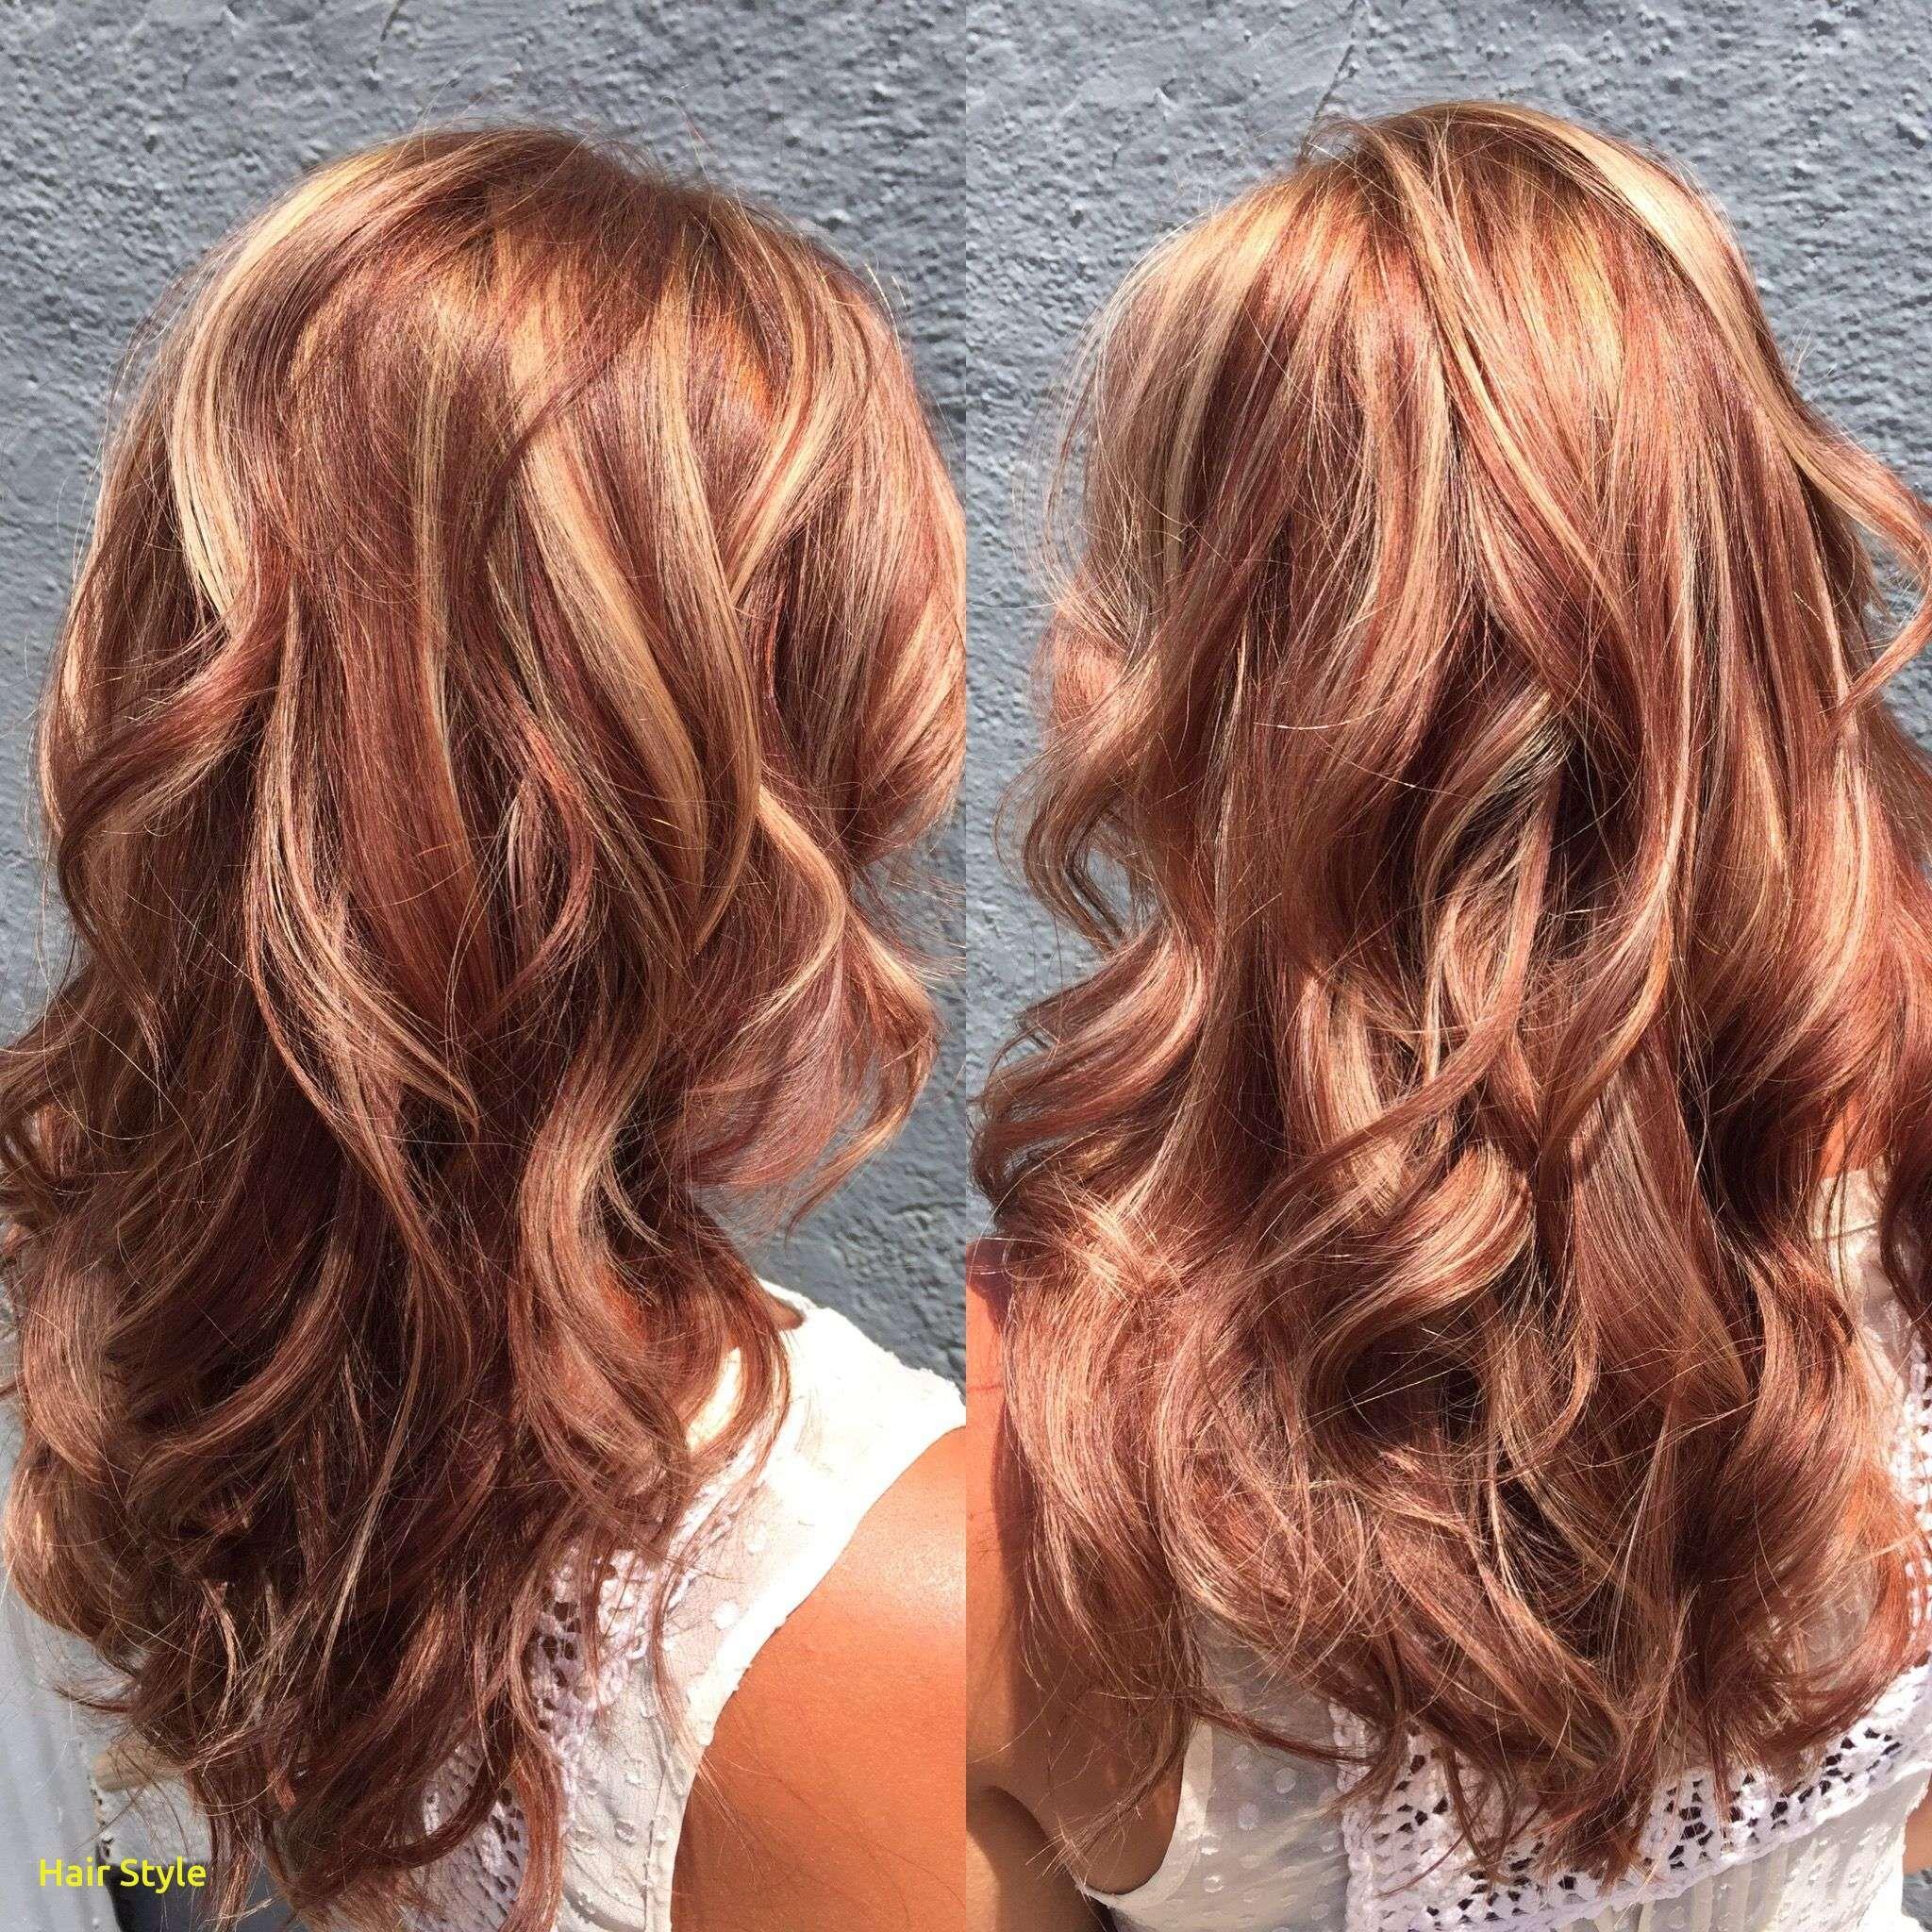 Schwarze haarfarbe entfernen